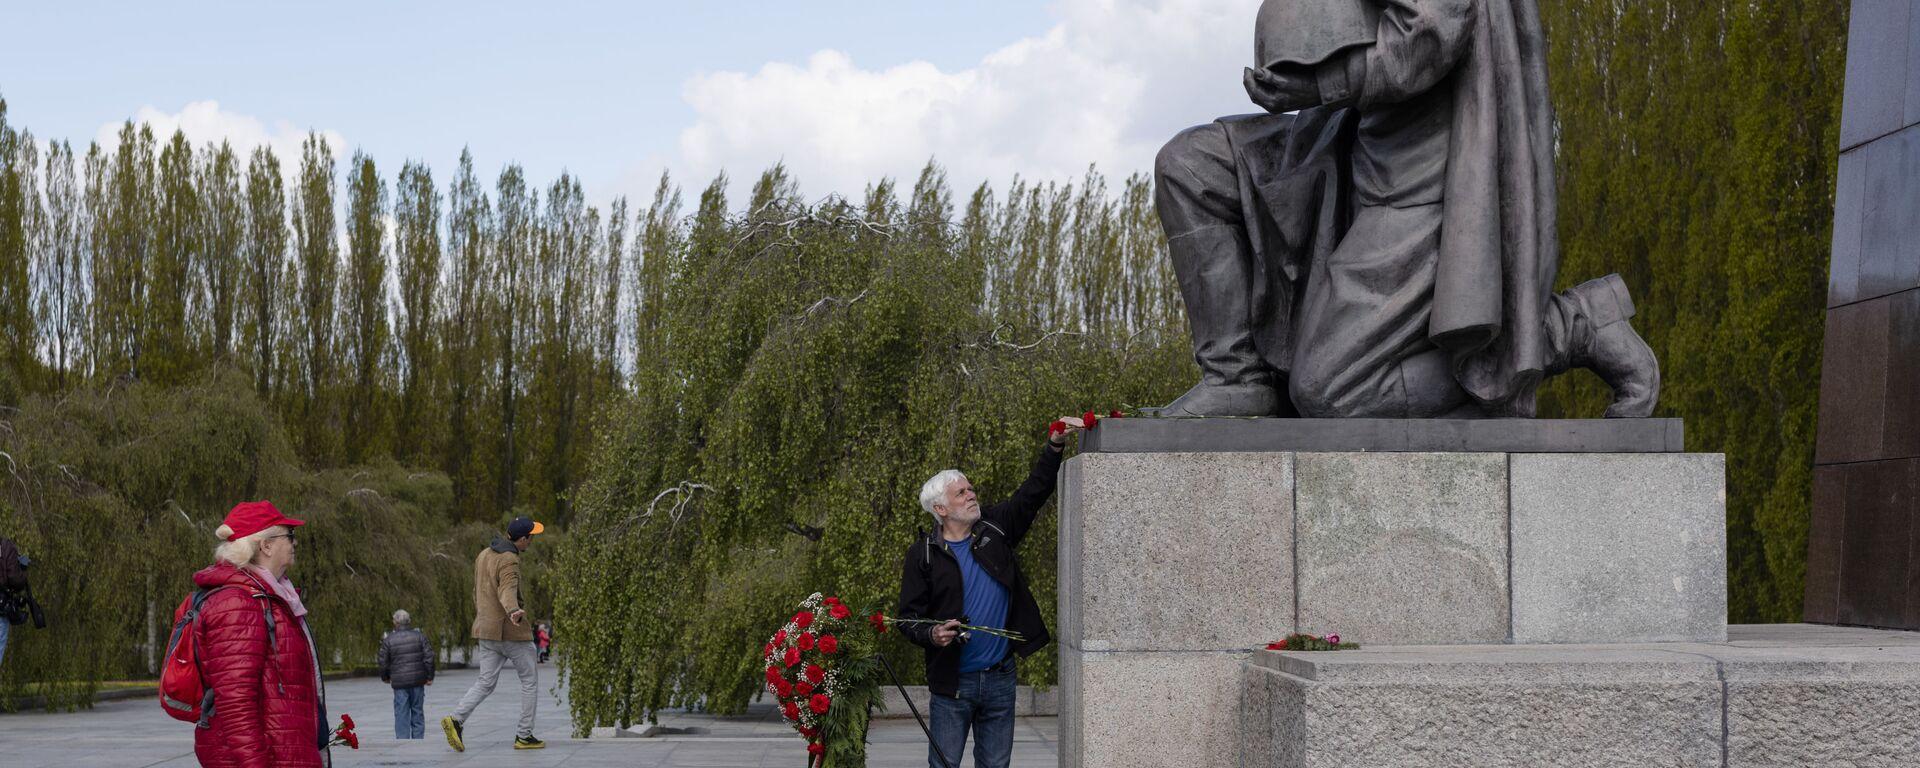 Мужчина возлагает цветы к памятнику советскому солдату на военном мемориале в Трептов-парке в Берлине в ознаменование 76-й годовщины окончания Второй мировой войны - Sputnik Mundo, 1920, 08.05.2021